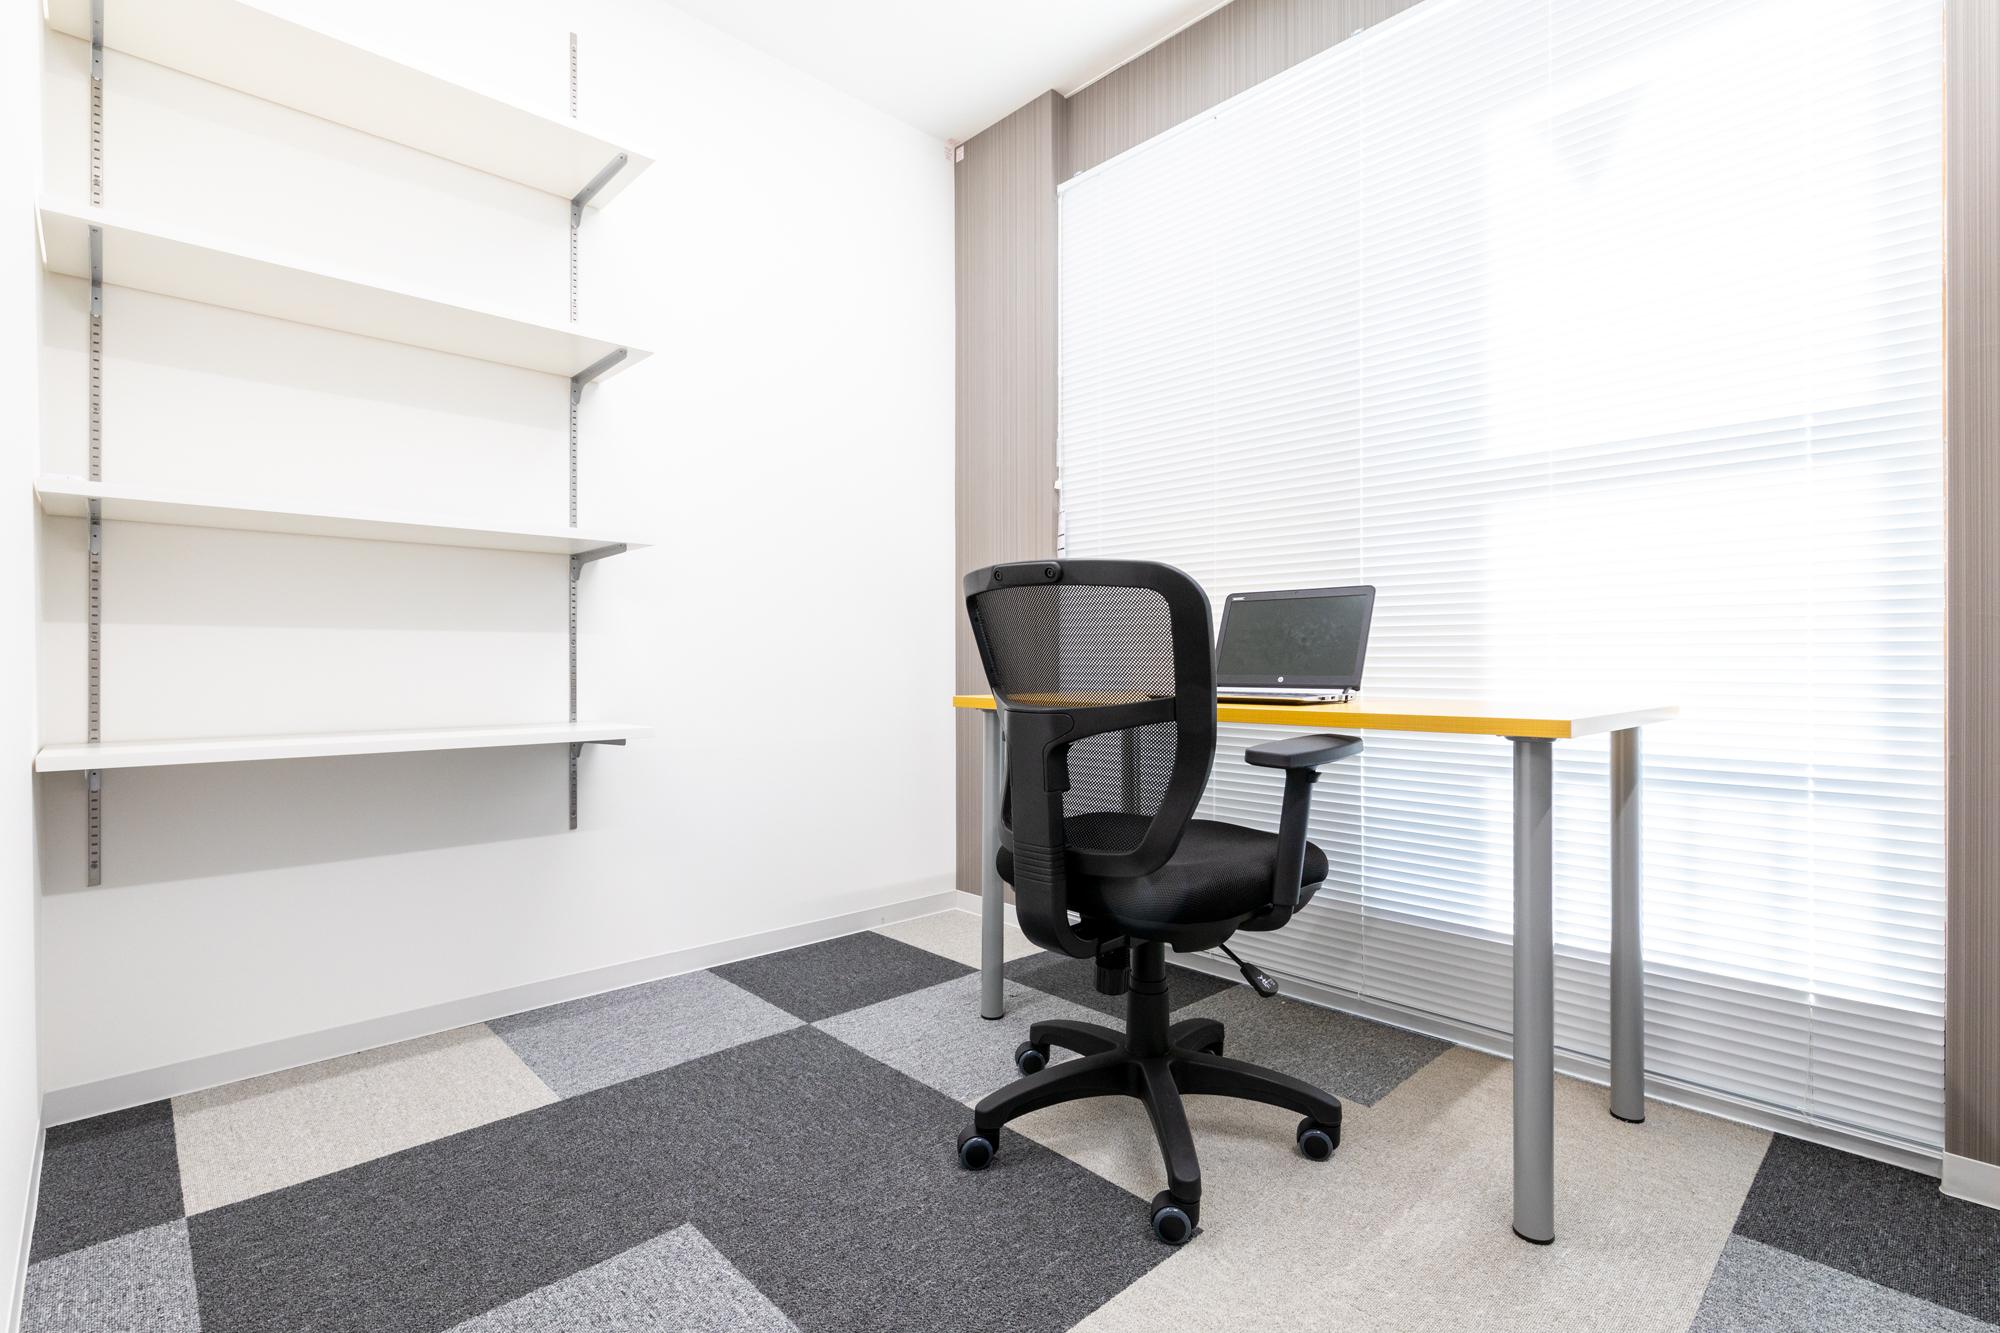 十分なスペースを確保した広々1名用個室《6号室》